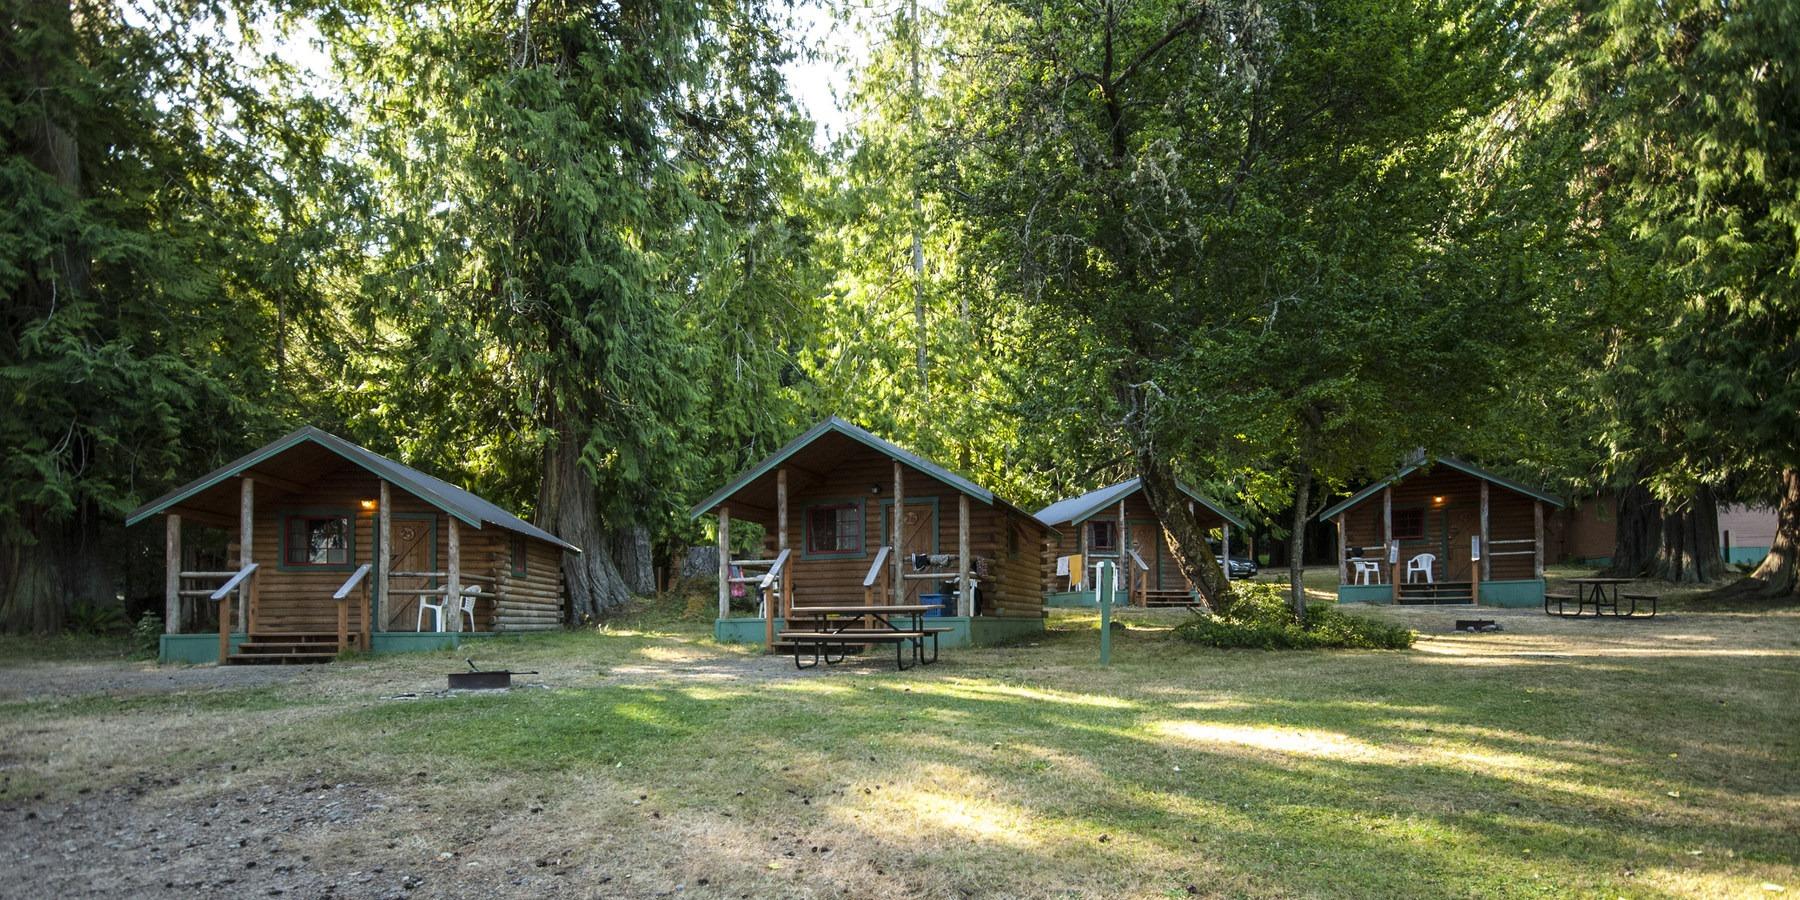 Log Cabin Resort Outdoor Project